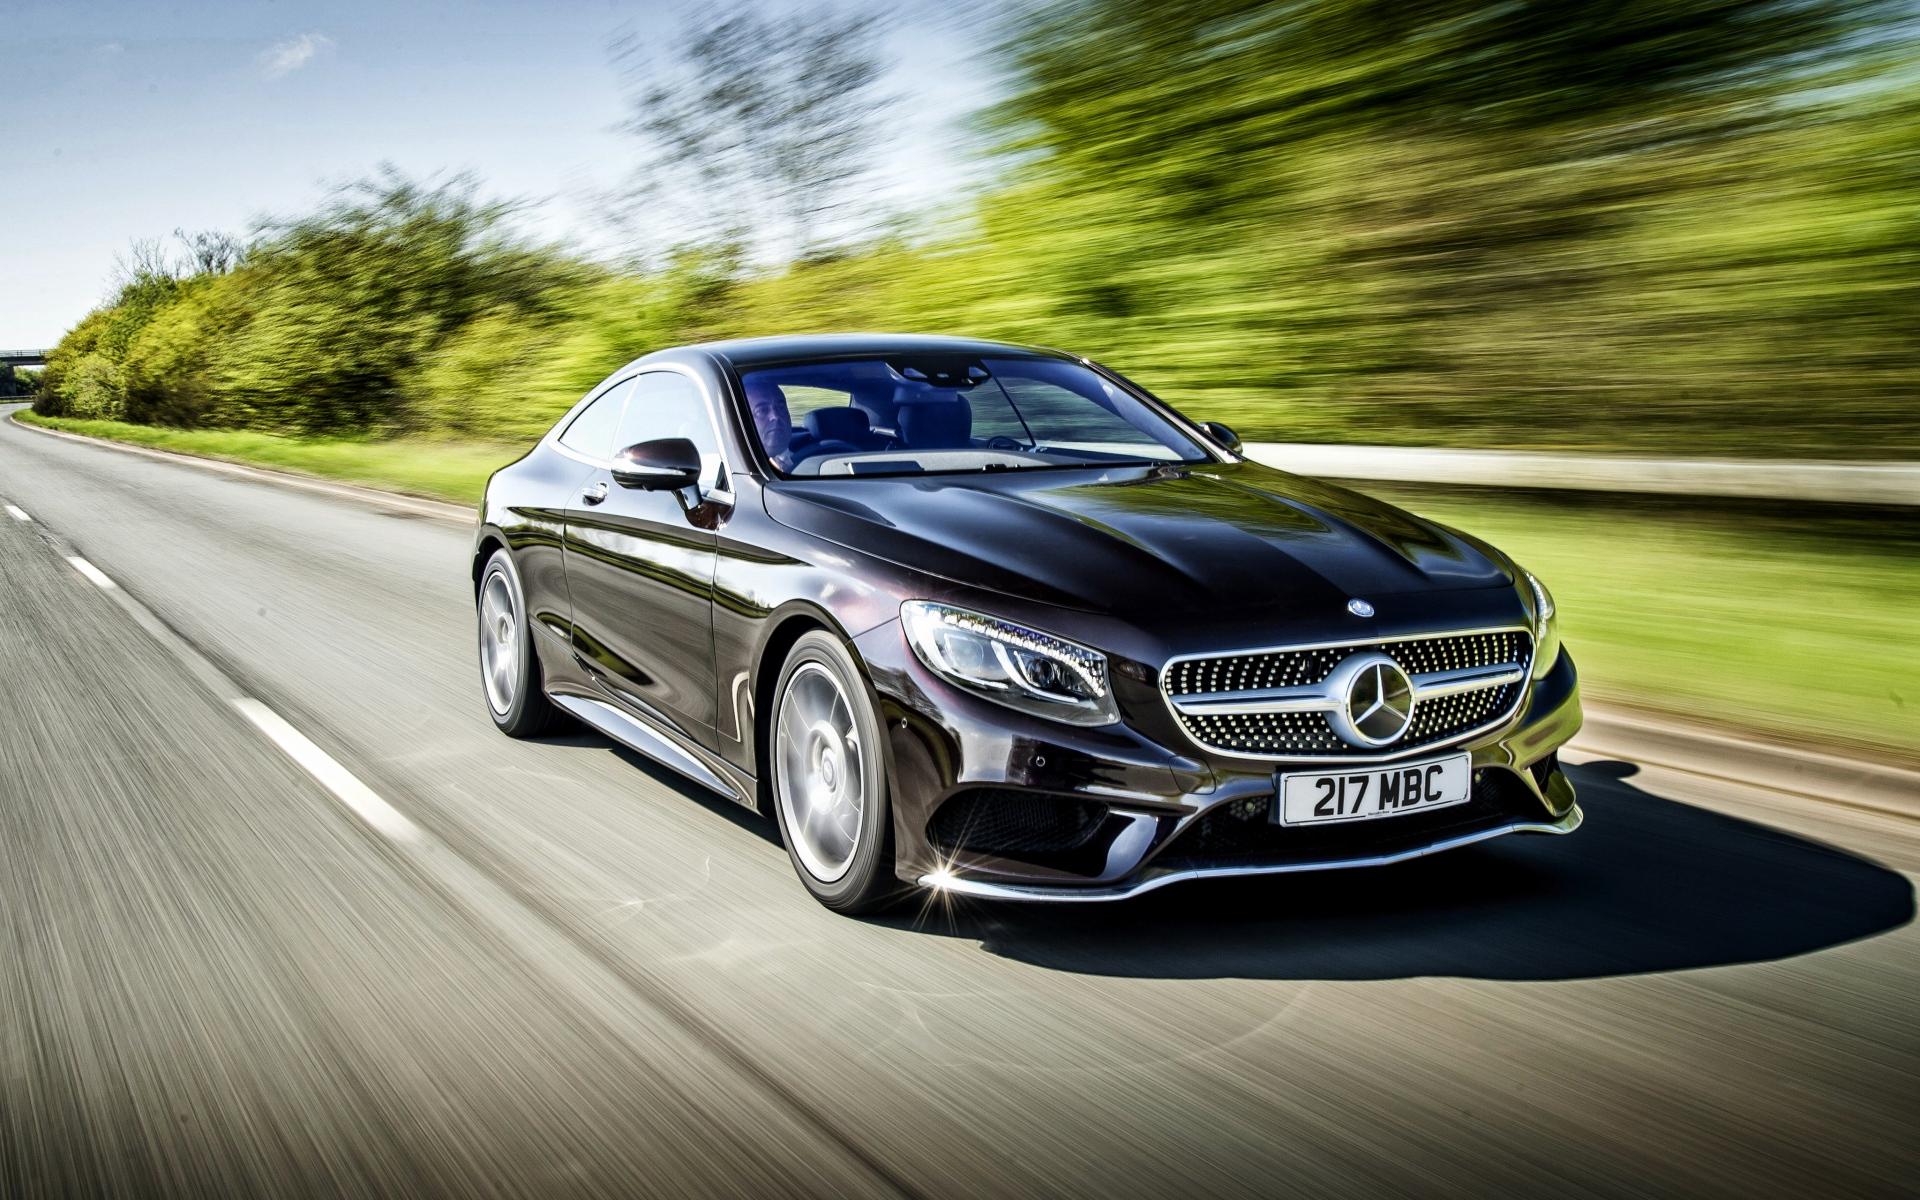 Картинки Mercedes-benz, s 500, купе, скорость, черный, вид сбоку фото и обои на рабочий стол